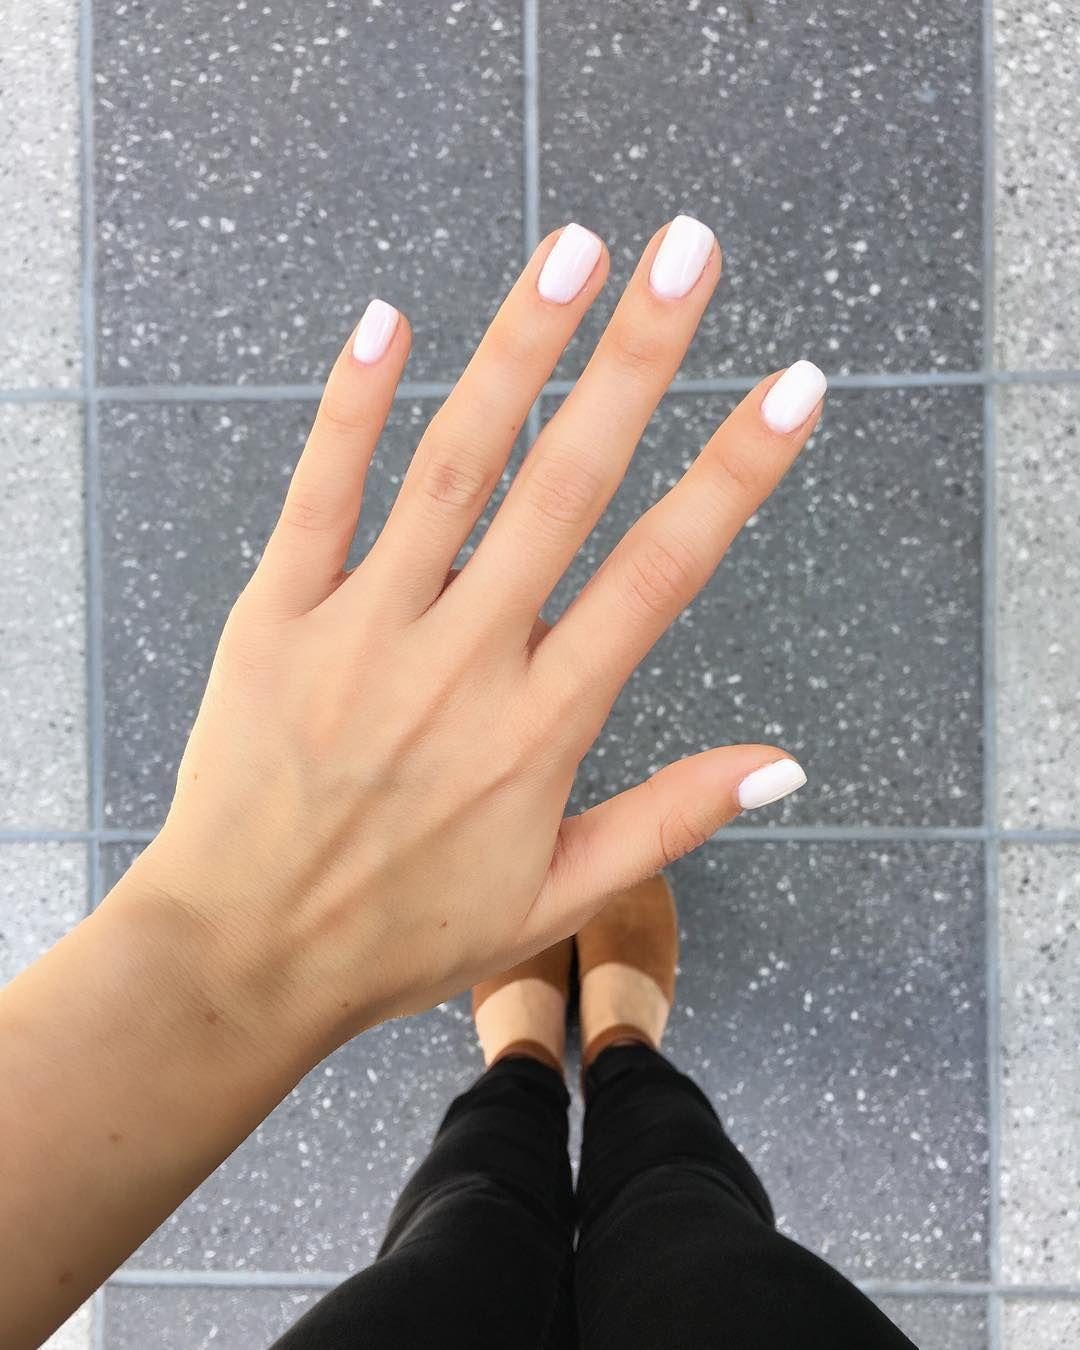 Opi gel color - funny bunny | Opi gel nails, Gel nails diy ... |Funny Bunny Nails